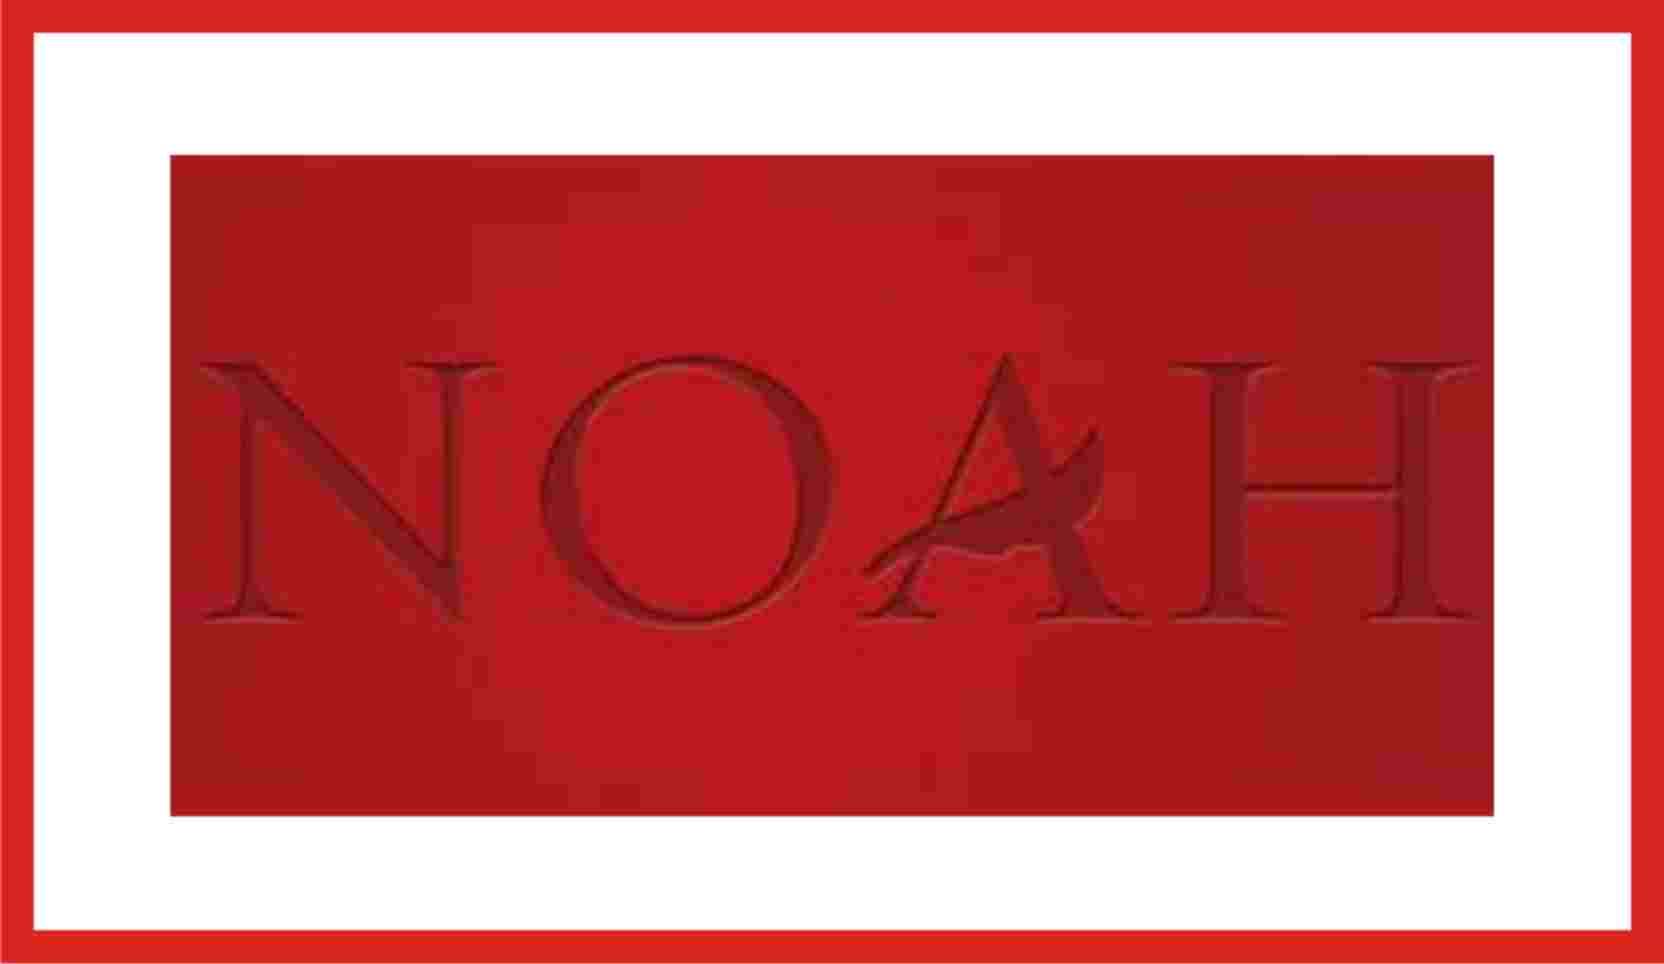 Noah Band Separuh Aku-Kisah Idola Lama Dengan Wajah Baru - ujiansma.com - ujiansma.com